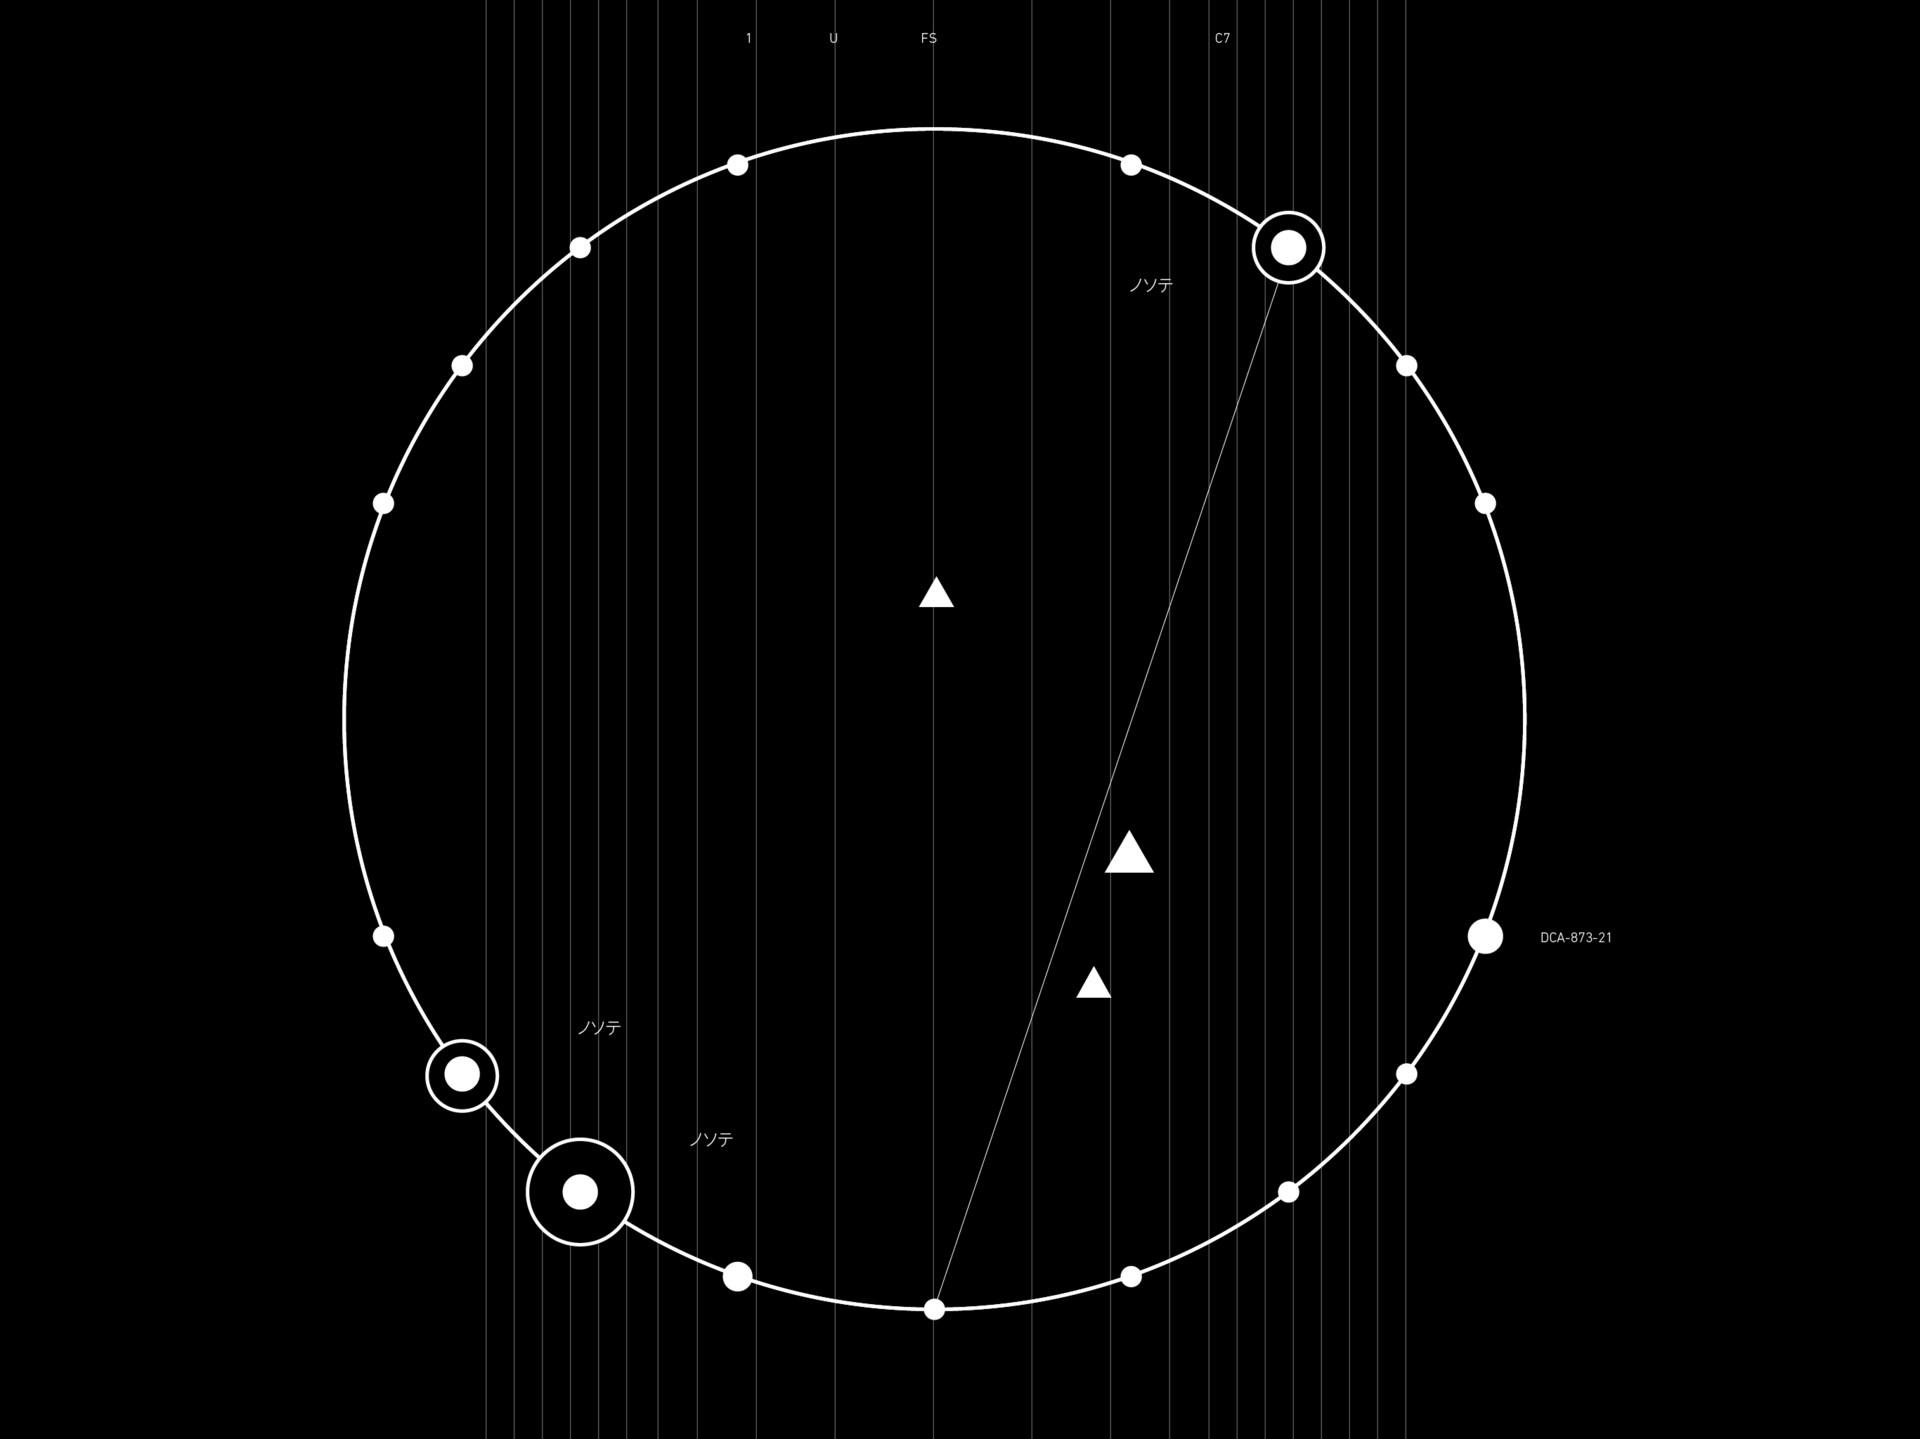 7bcd7c5220c01e1f.jpg